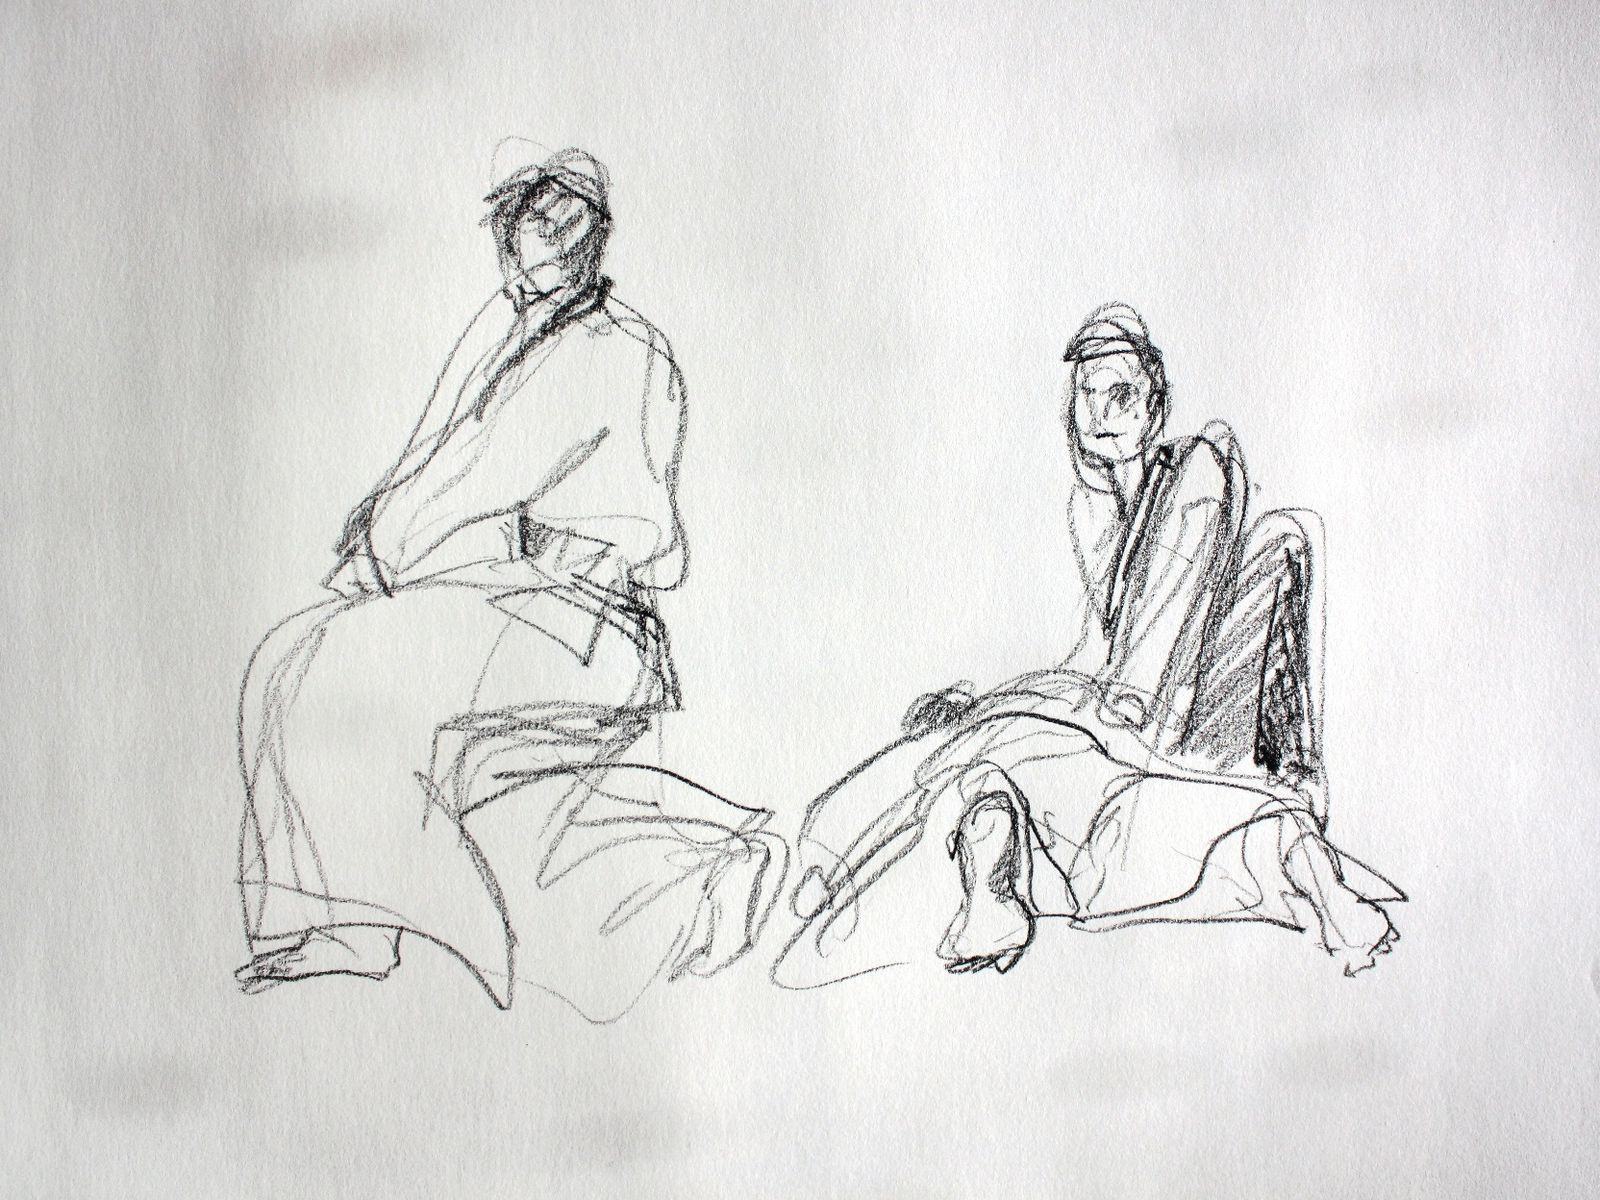 Croquis réalisés à la pierre noire er craies couleurs, pendant l'entrainement du cours de Aikido du Dojo de Gif sur Yvette